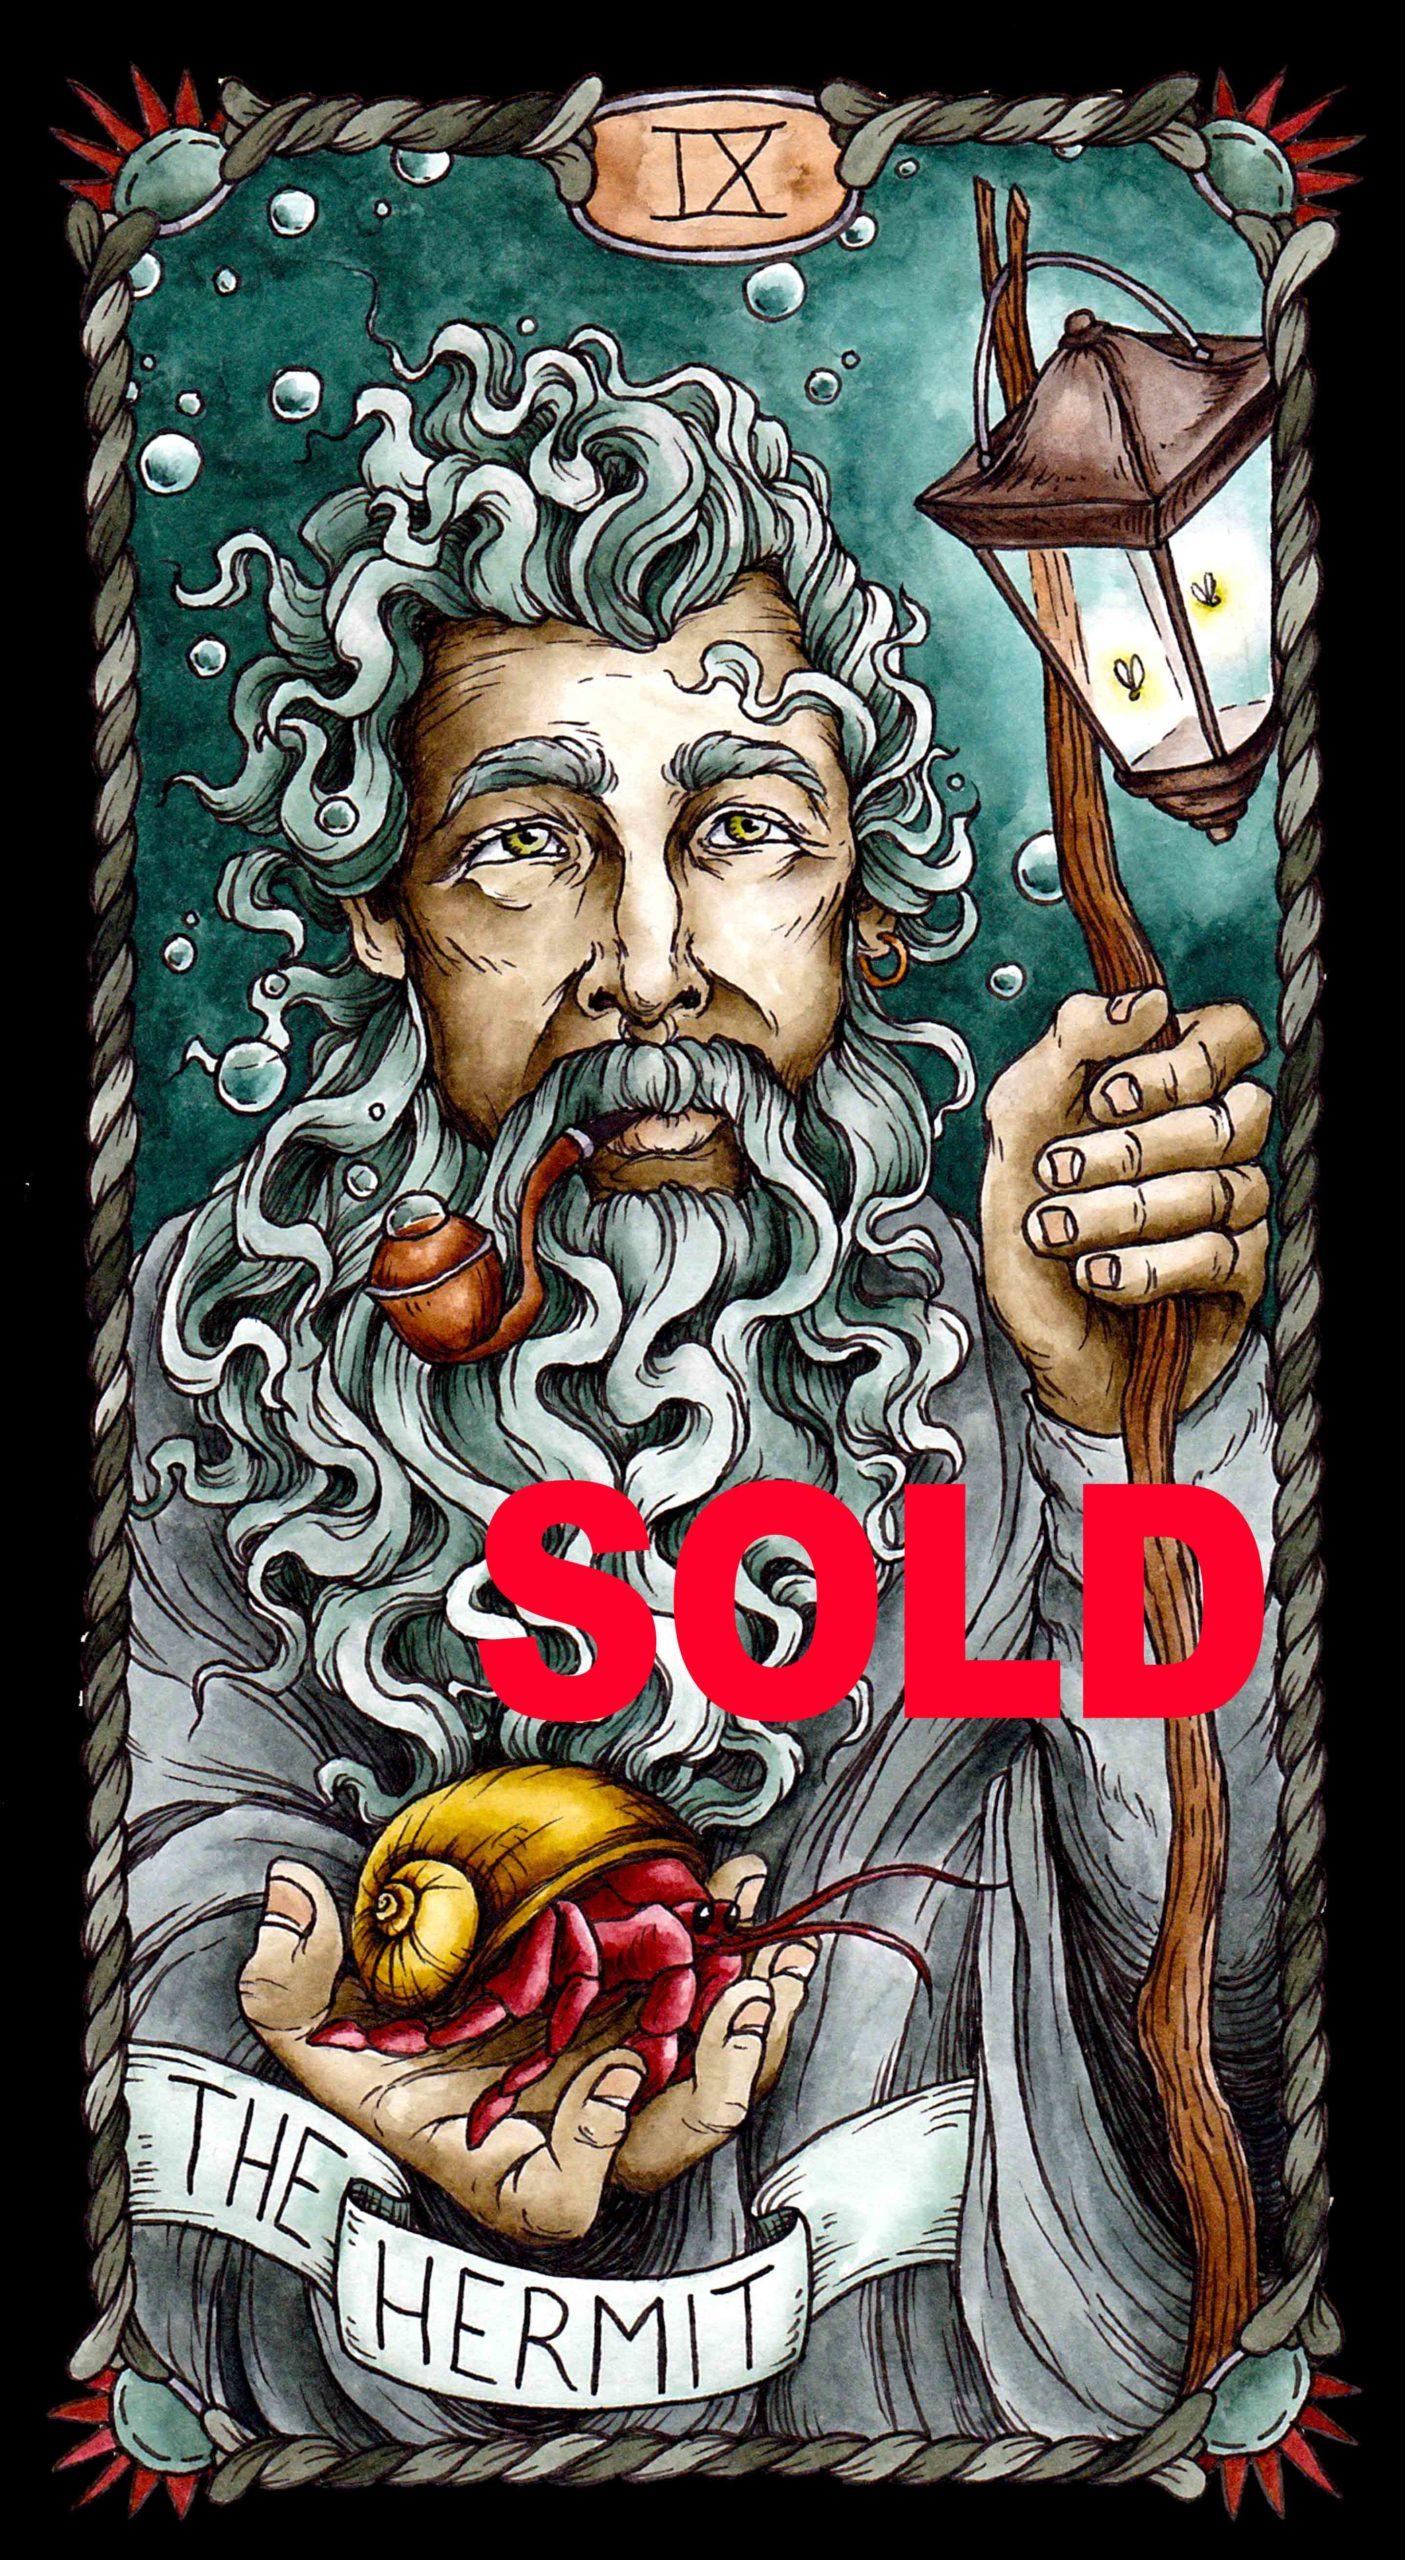 09 Hermit sold